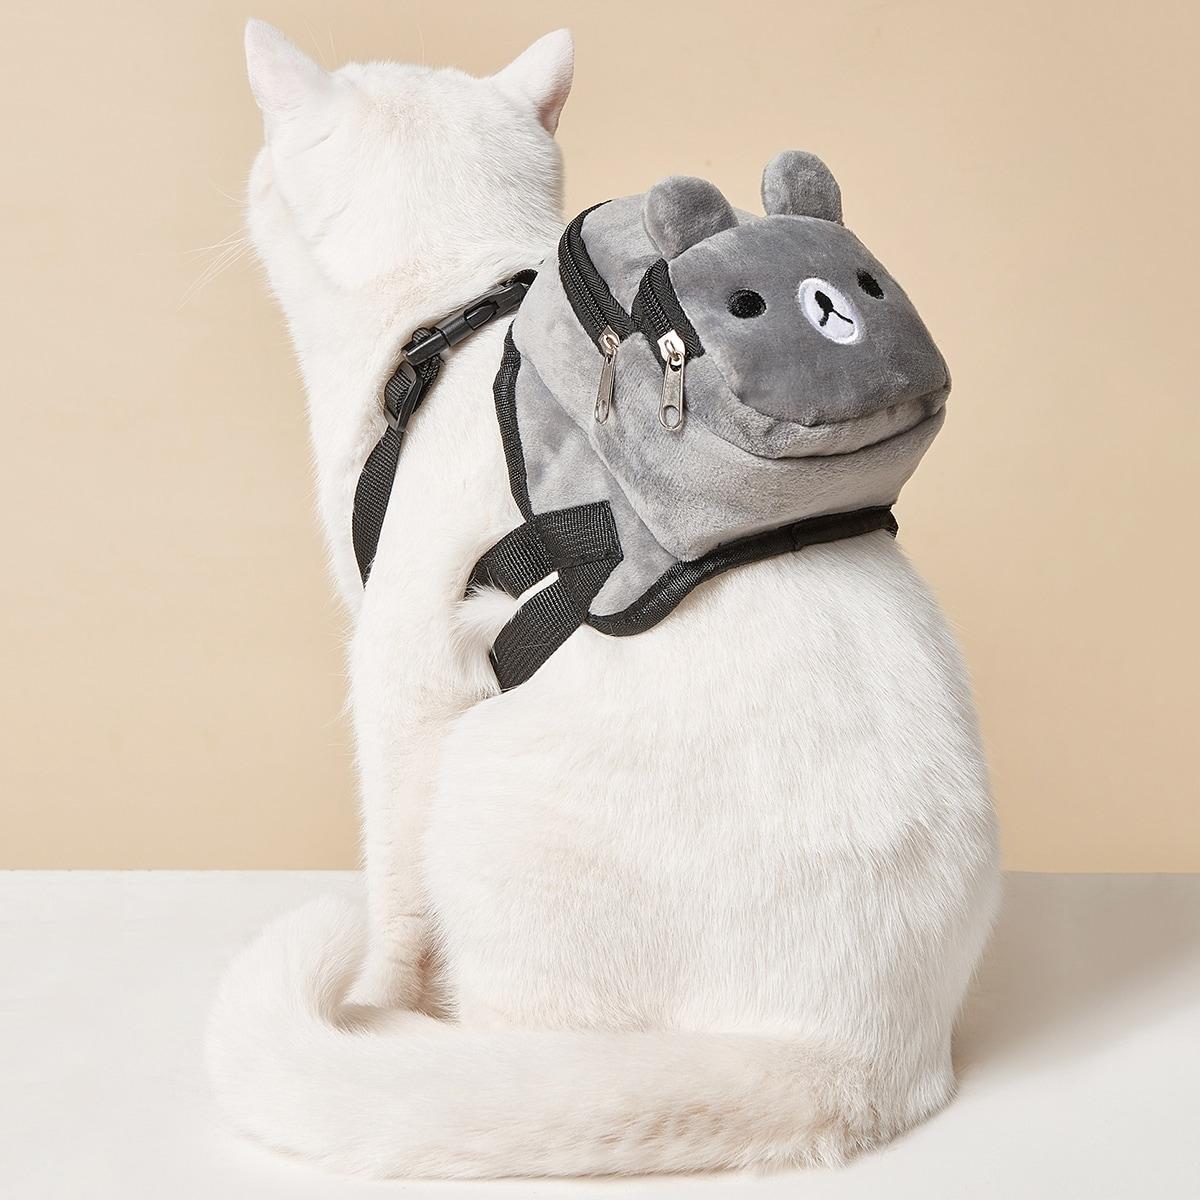 1 Stück Rucksack mit Karikatur Bär Design für Haustiere